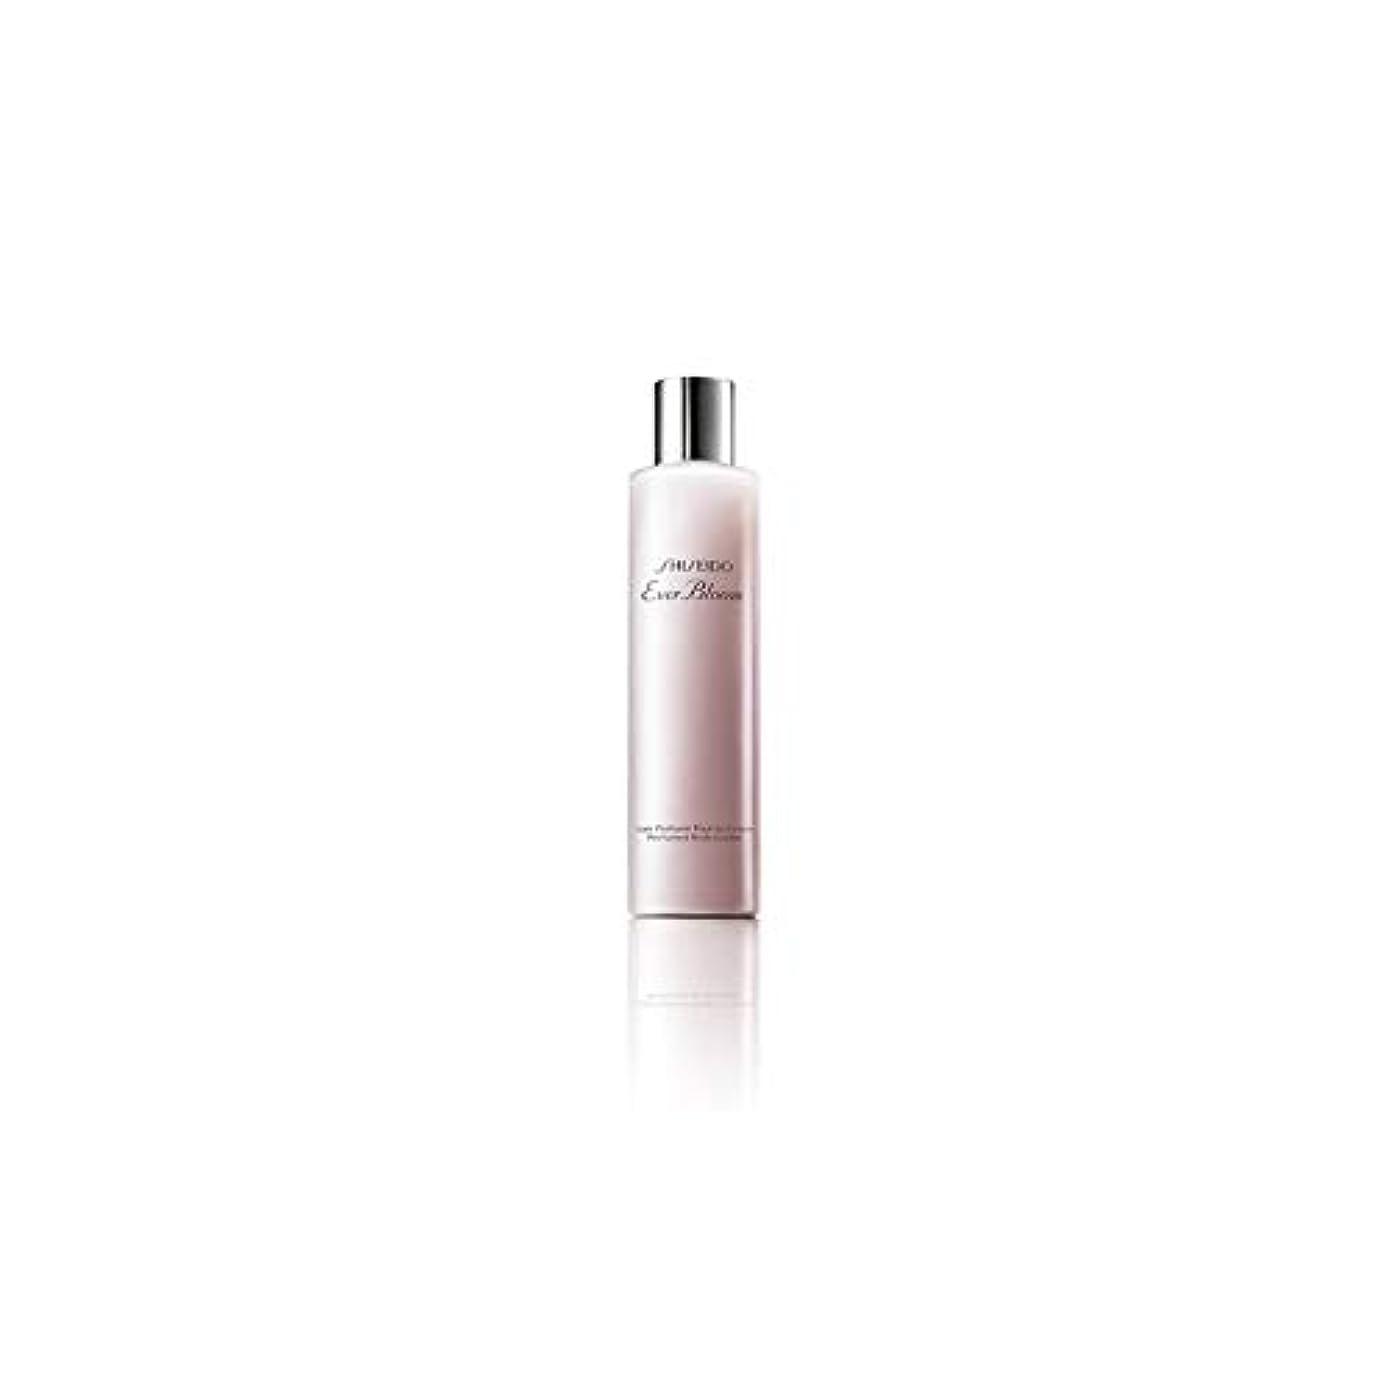 山積みのドレイン続編[Shiseido] 資生堂これまでブルームシャワークリーム(30ミリリットル) - Shiseido Ever Bloom Shower Cream (30ml) [並行輸入品]